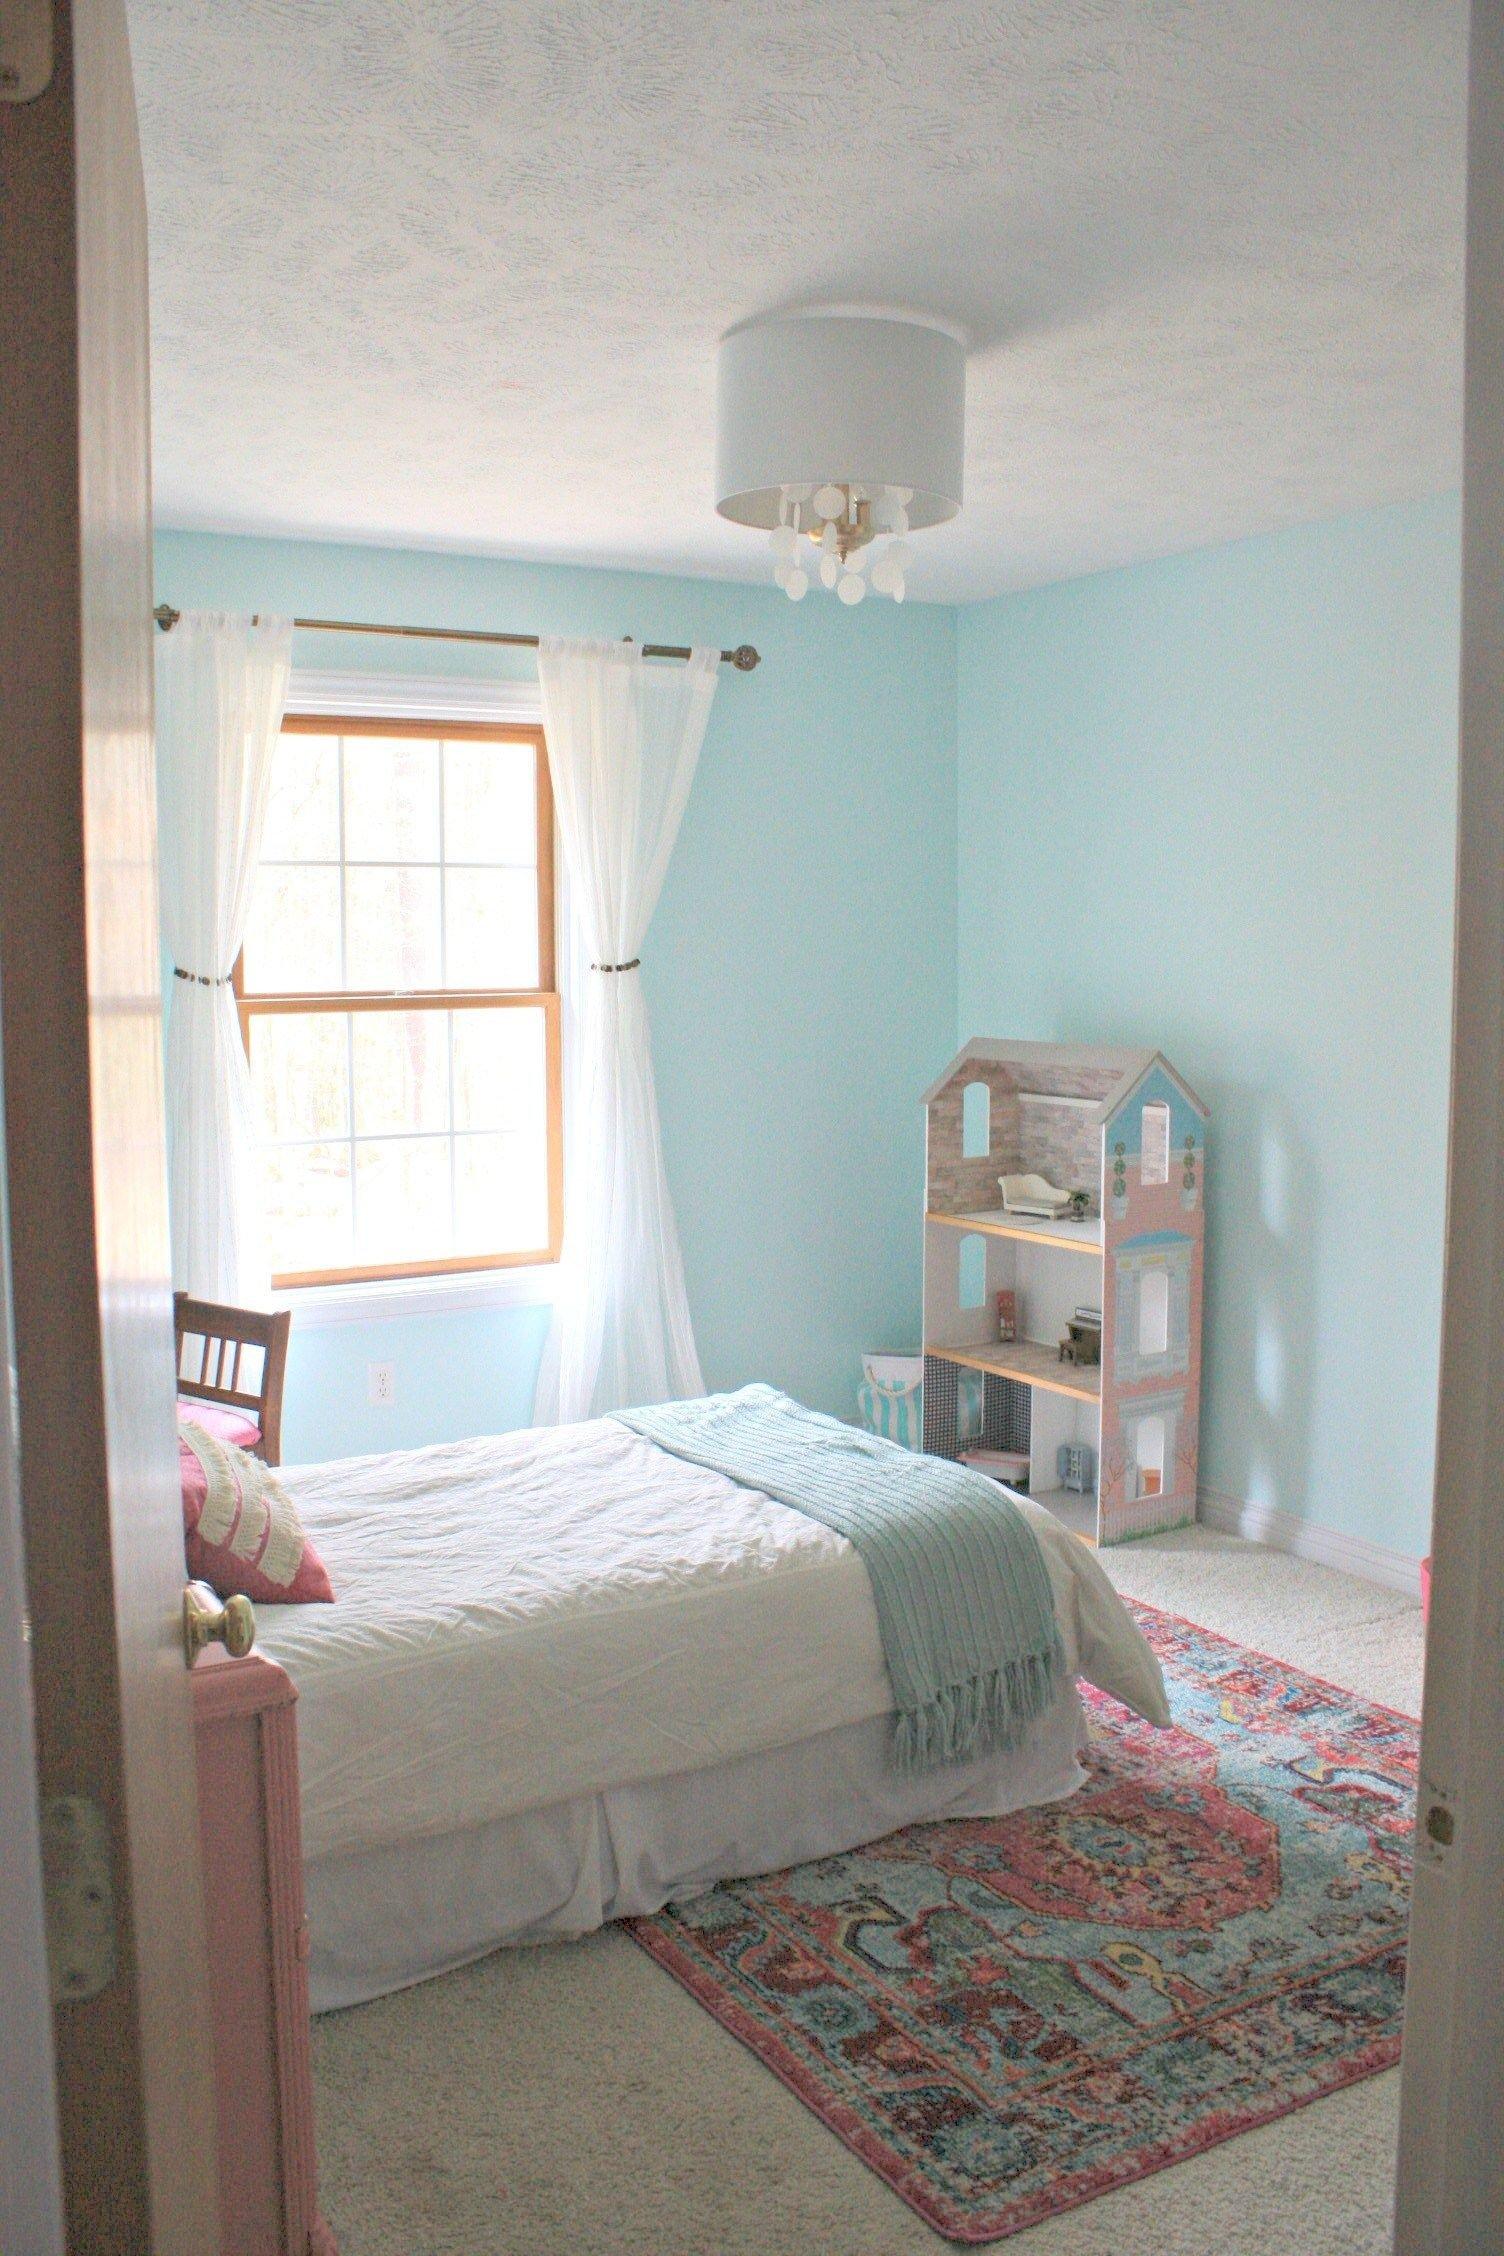 Little Mermaid Bedroom Decor Luxury Boho Mermaid Bedroom Reveal & orc Week 6 Bedroom